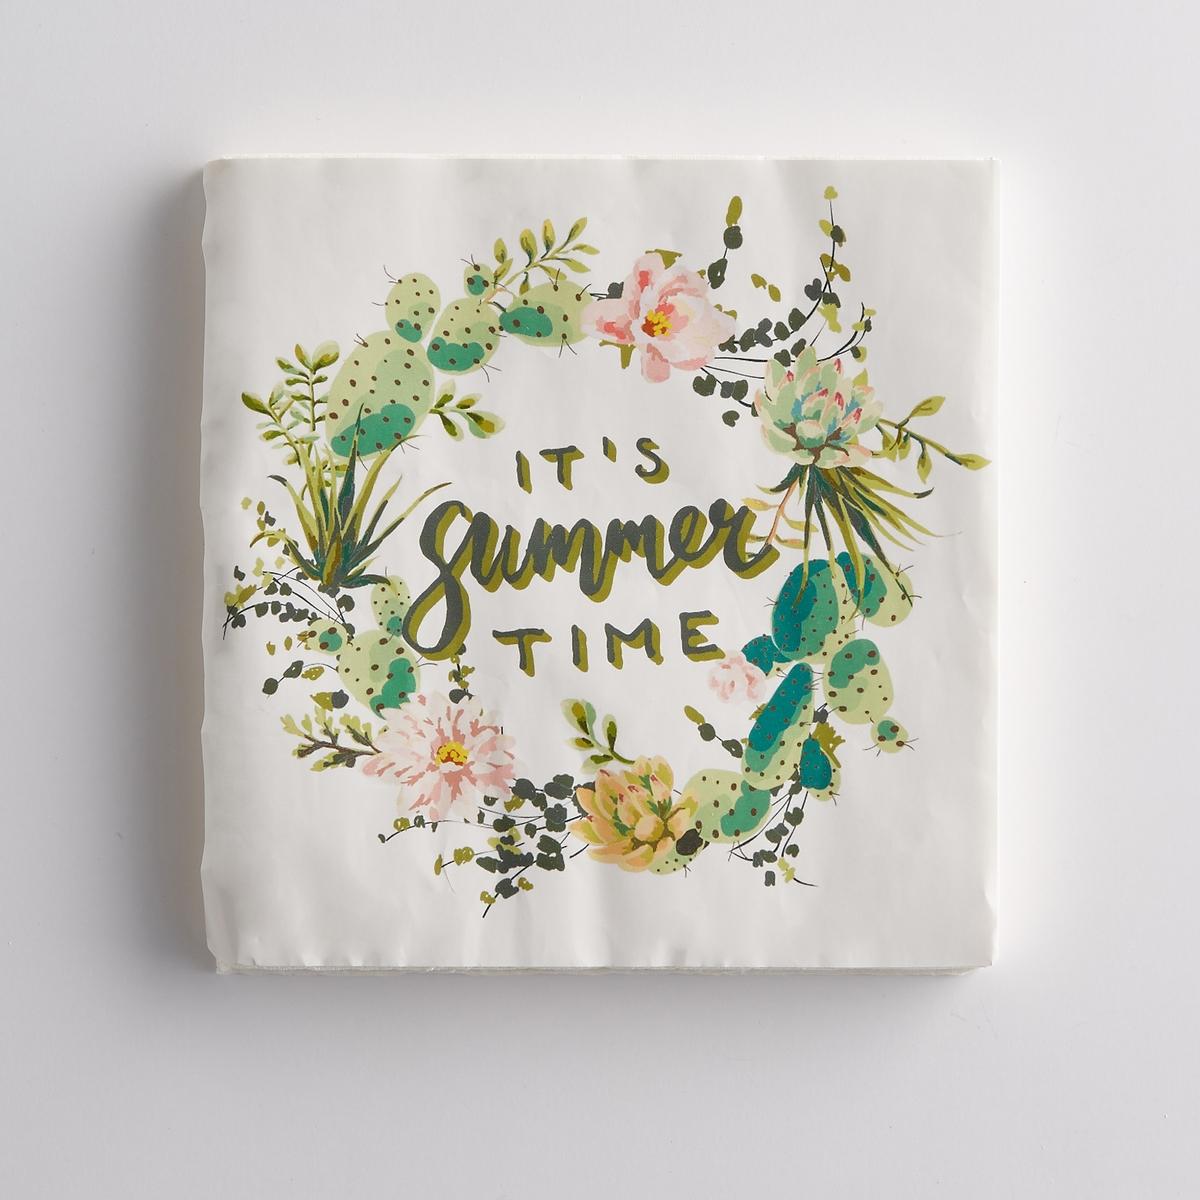 Комплект из 20 бумажных салфеток La Redoute La Redoute единый размер каштановый скатерти и салфетки a la gobelin салфетки пасхальные цыплята 35х35 см